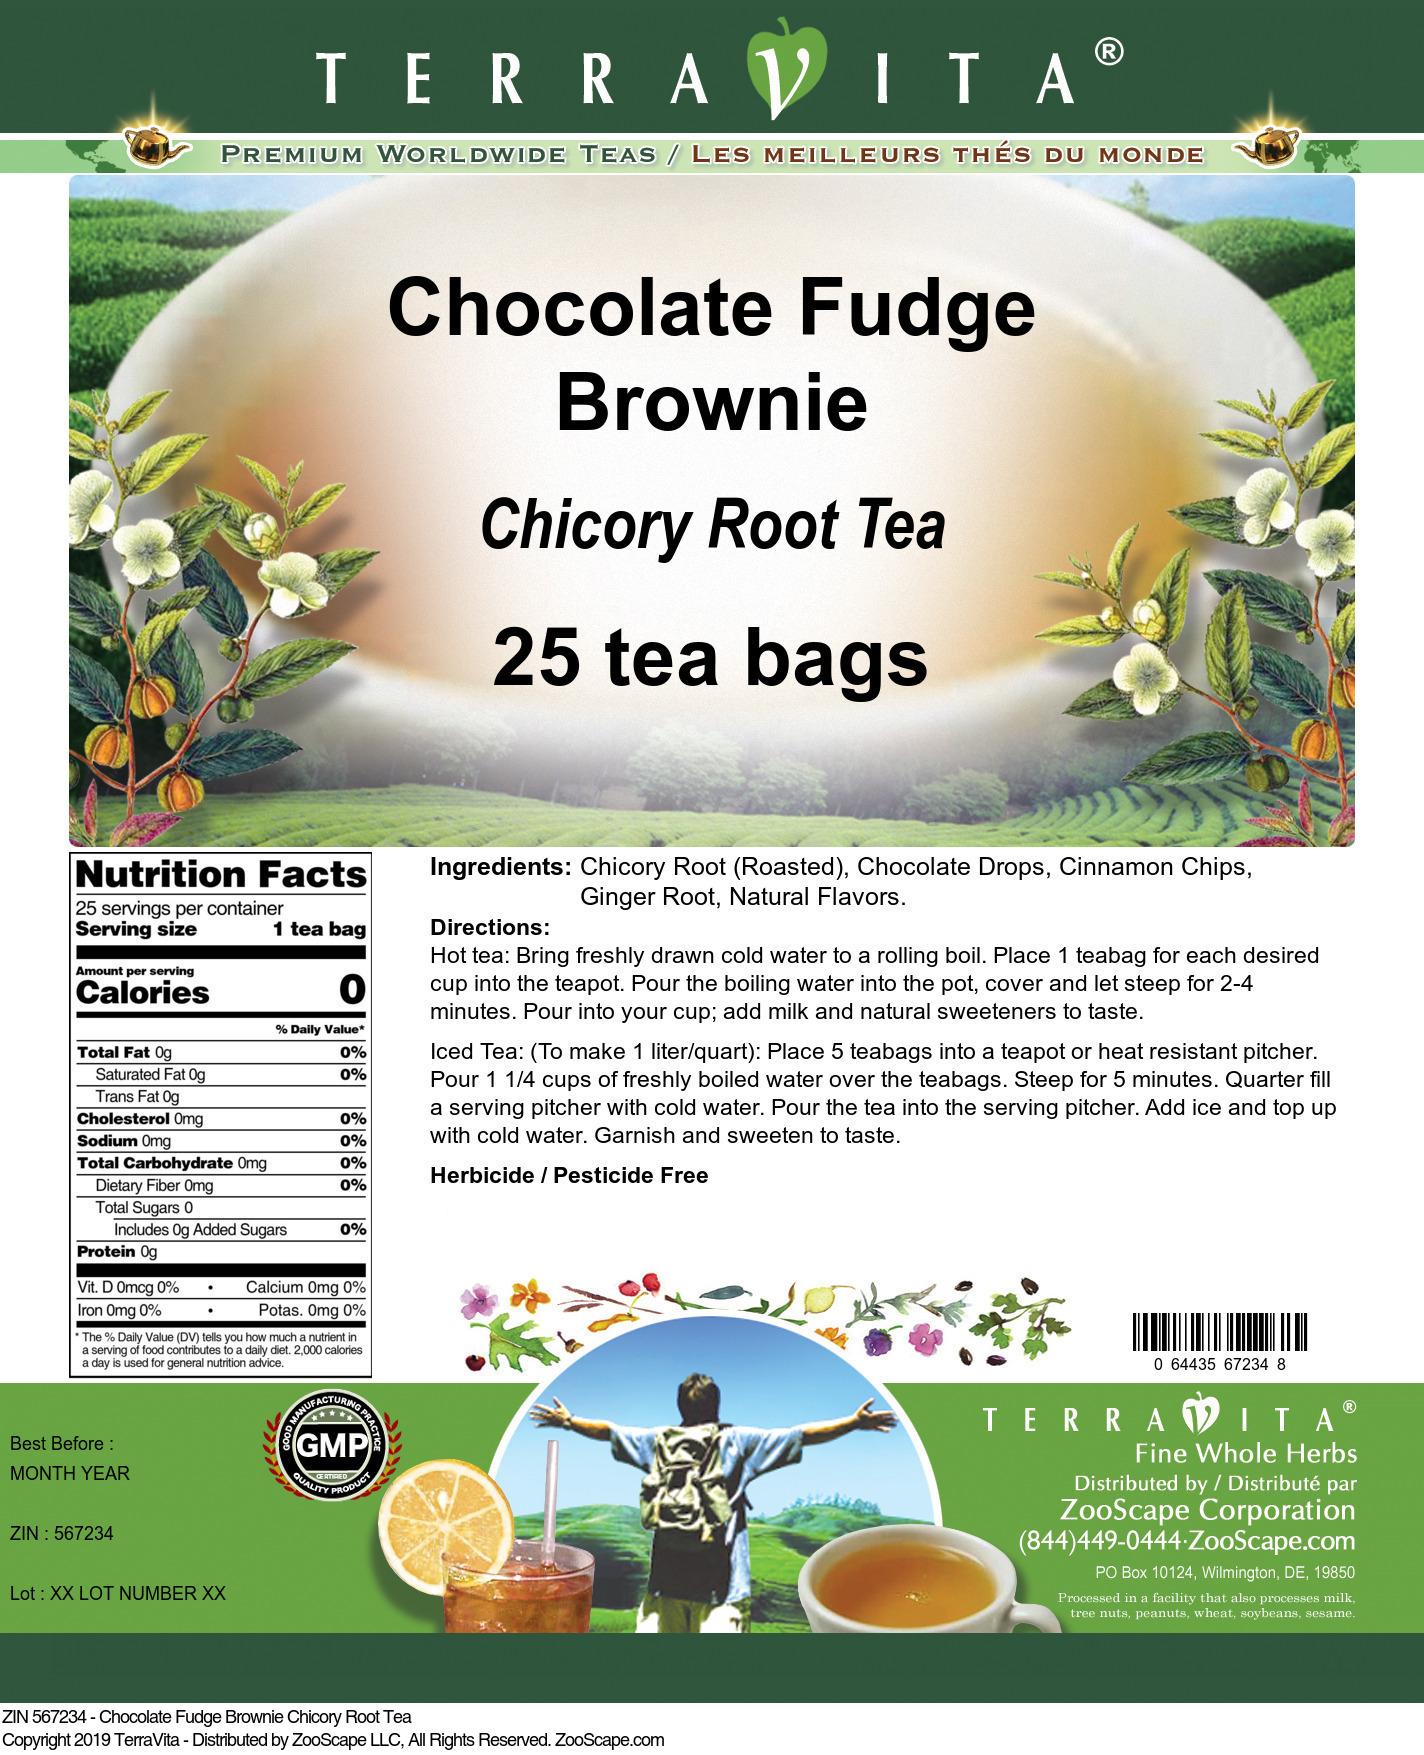 Chocolate Fudge Brownie Chicory Root